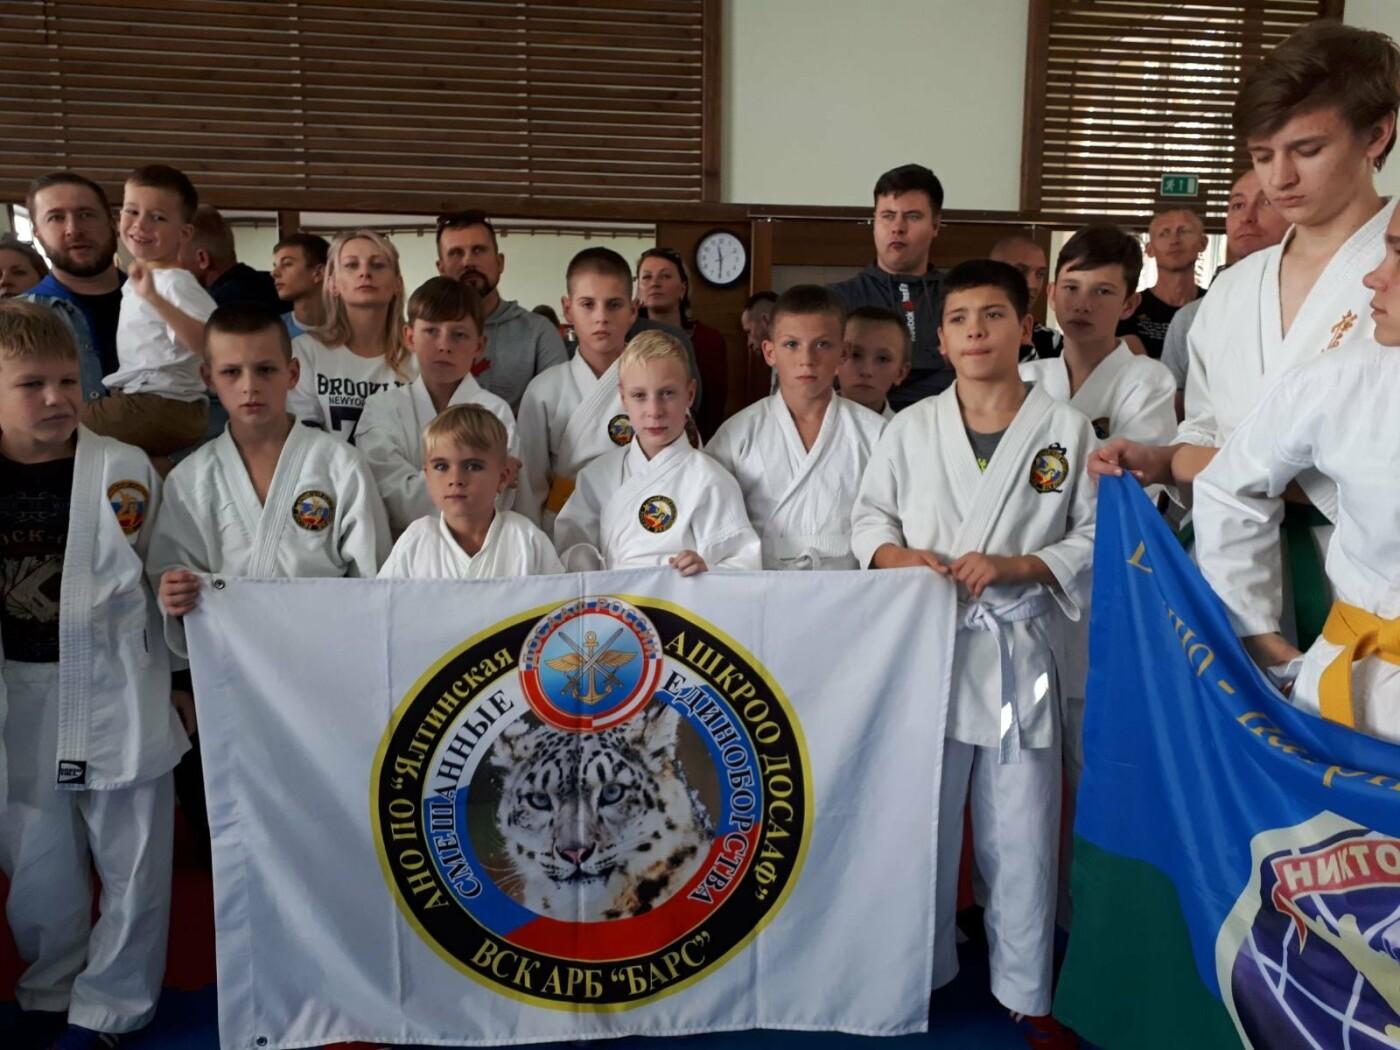 Юные бойцы из Ялты завоевали 2 золотых, 3 серебряных и бронзовую медали состязаний по АРБ, фото-1